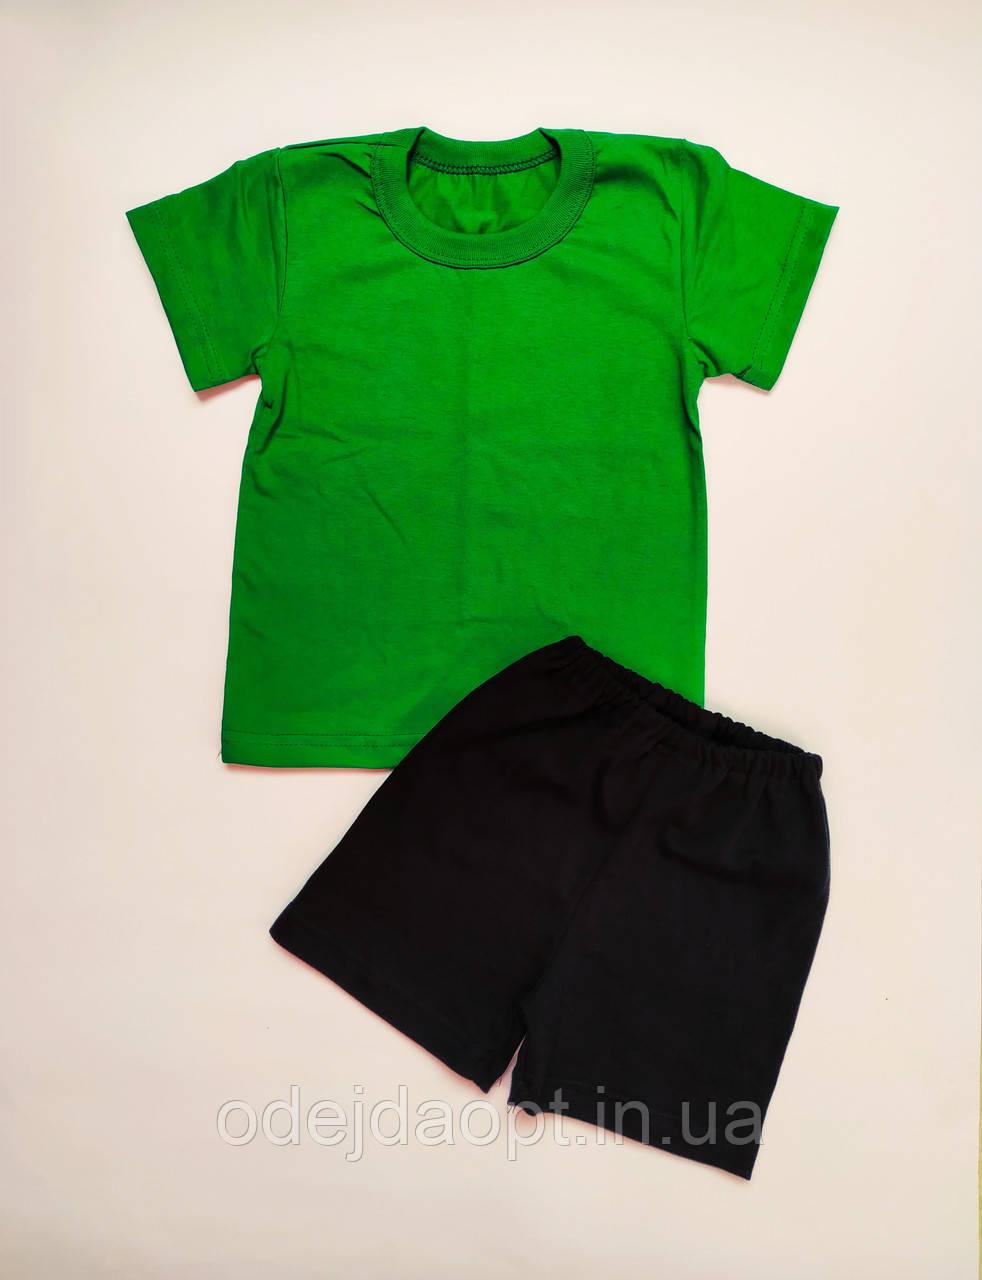 Детский  комплект зеленая футболка и черные шорты